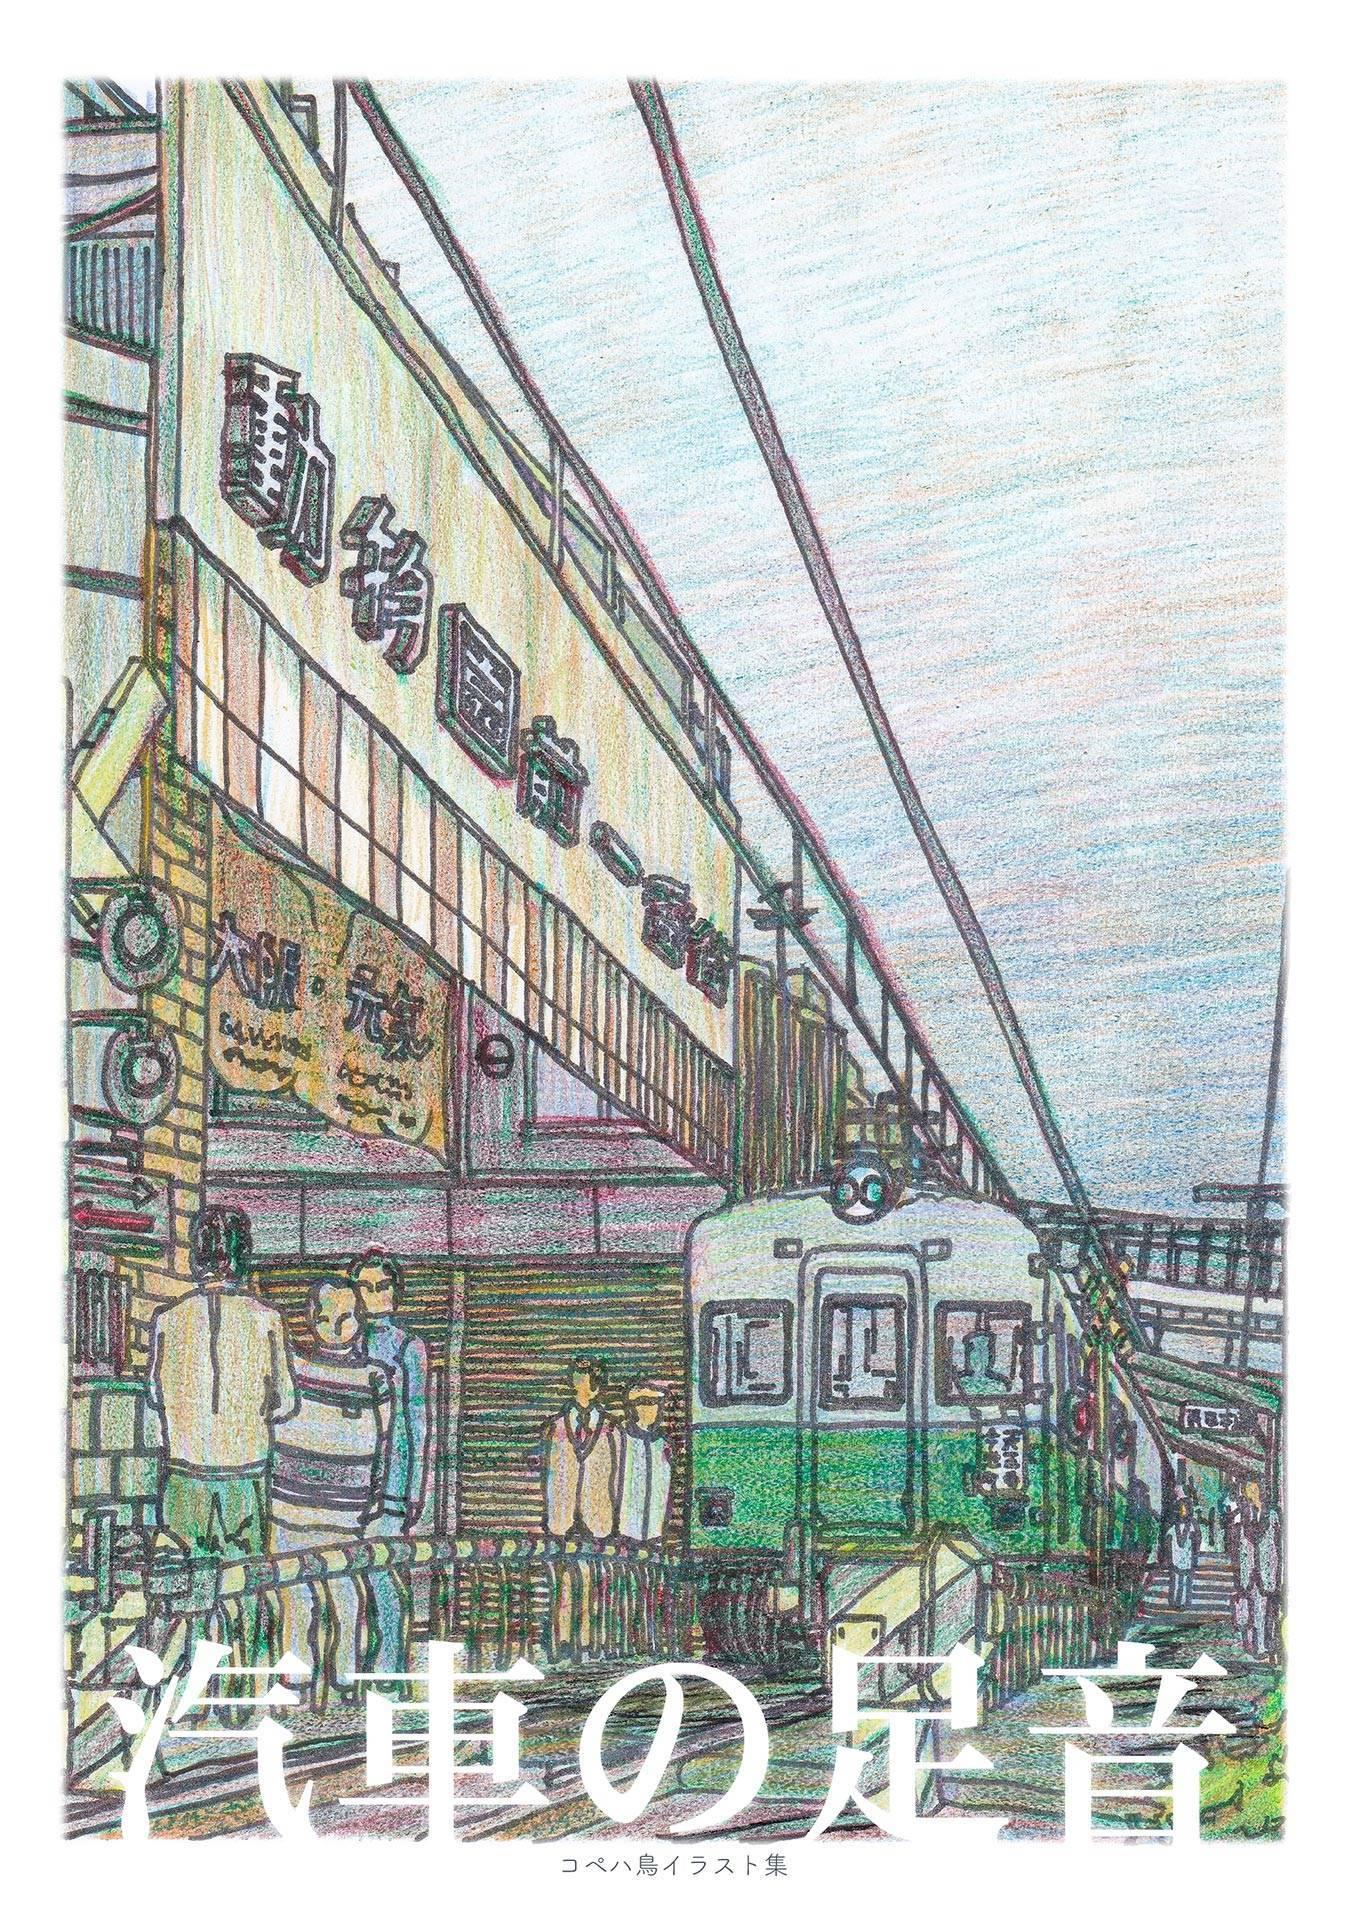 イラスト集「汽車の足音」の表紙